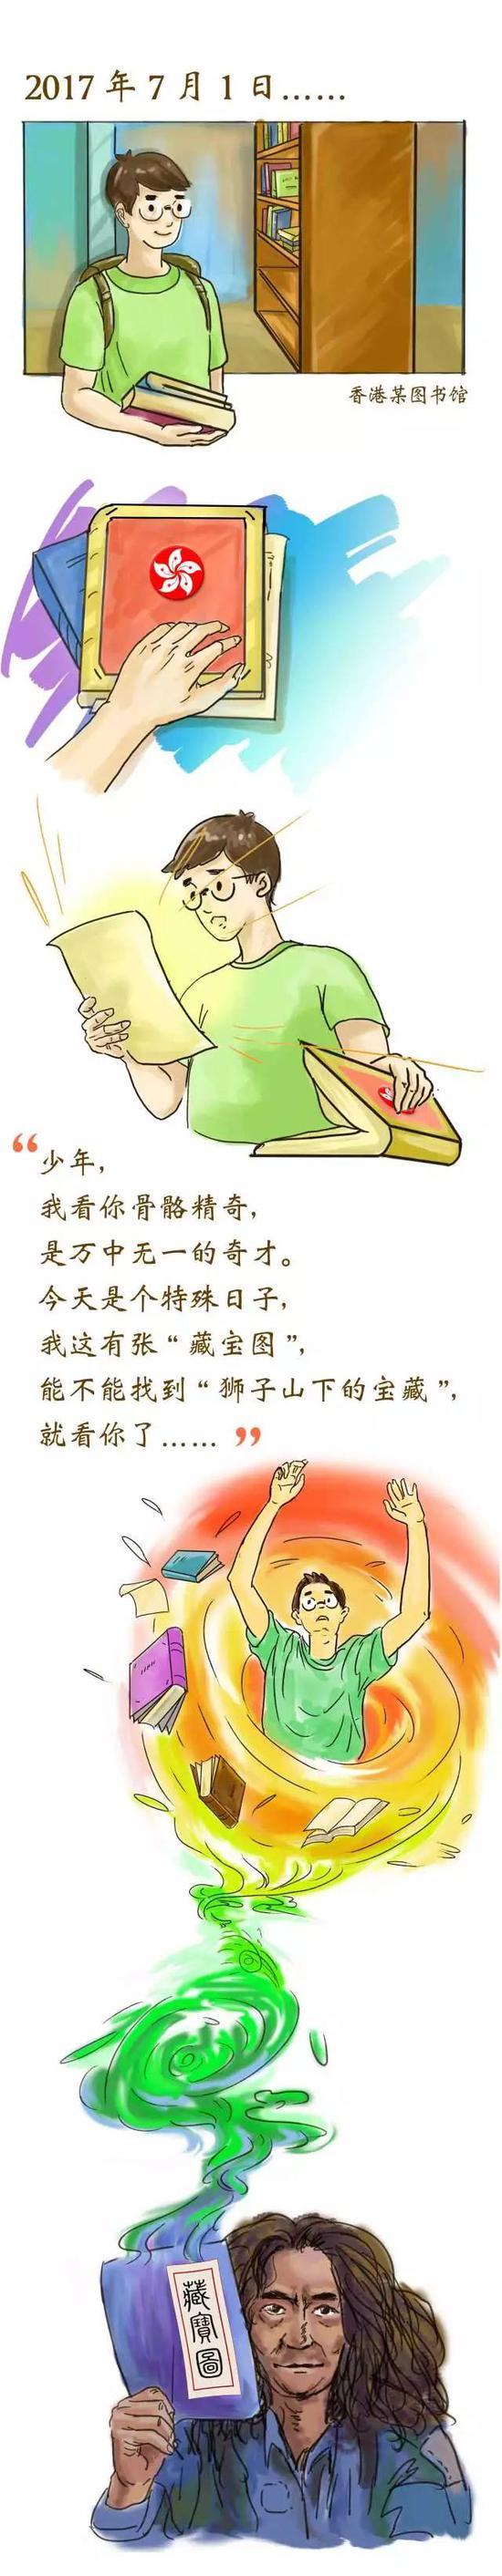 人民日报首推竖屏全景长卷:穿越香港20年